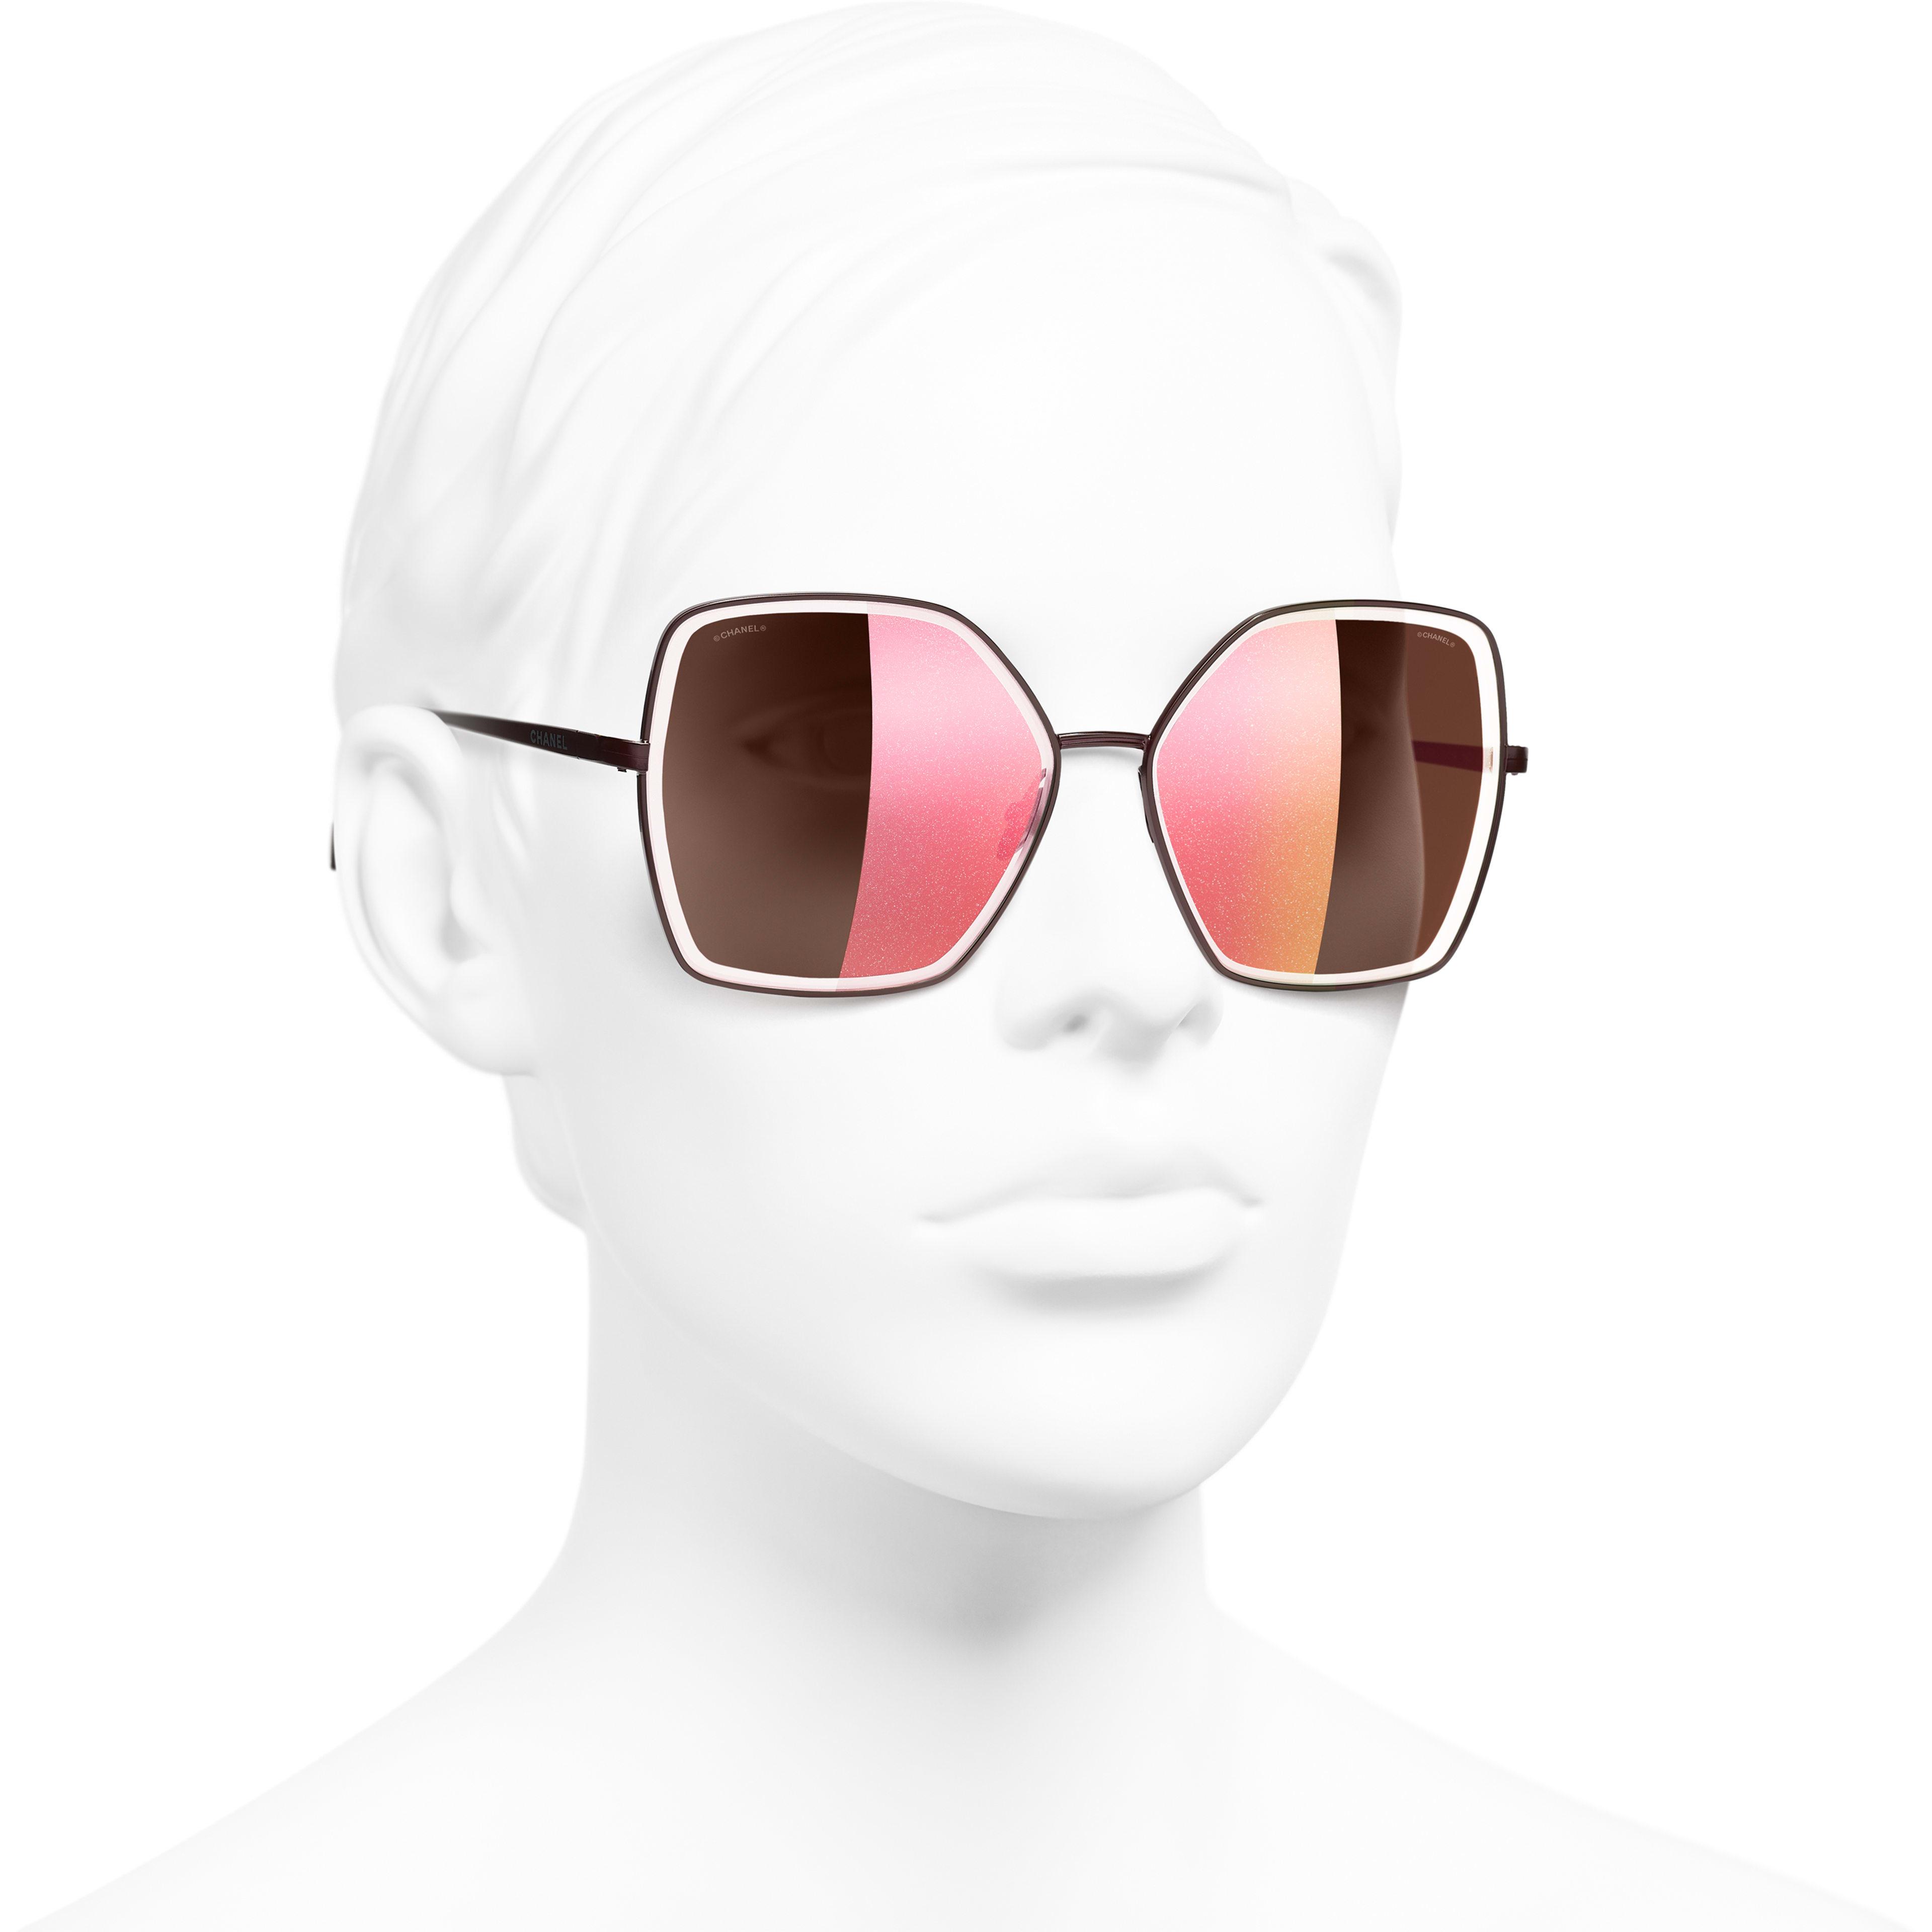 Vlinder zonnebril - Donkerrood - Metaal - CHANEL - Gedragen weergave 3/4 - zie versie op standaardgrootte